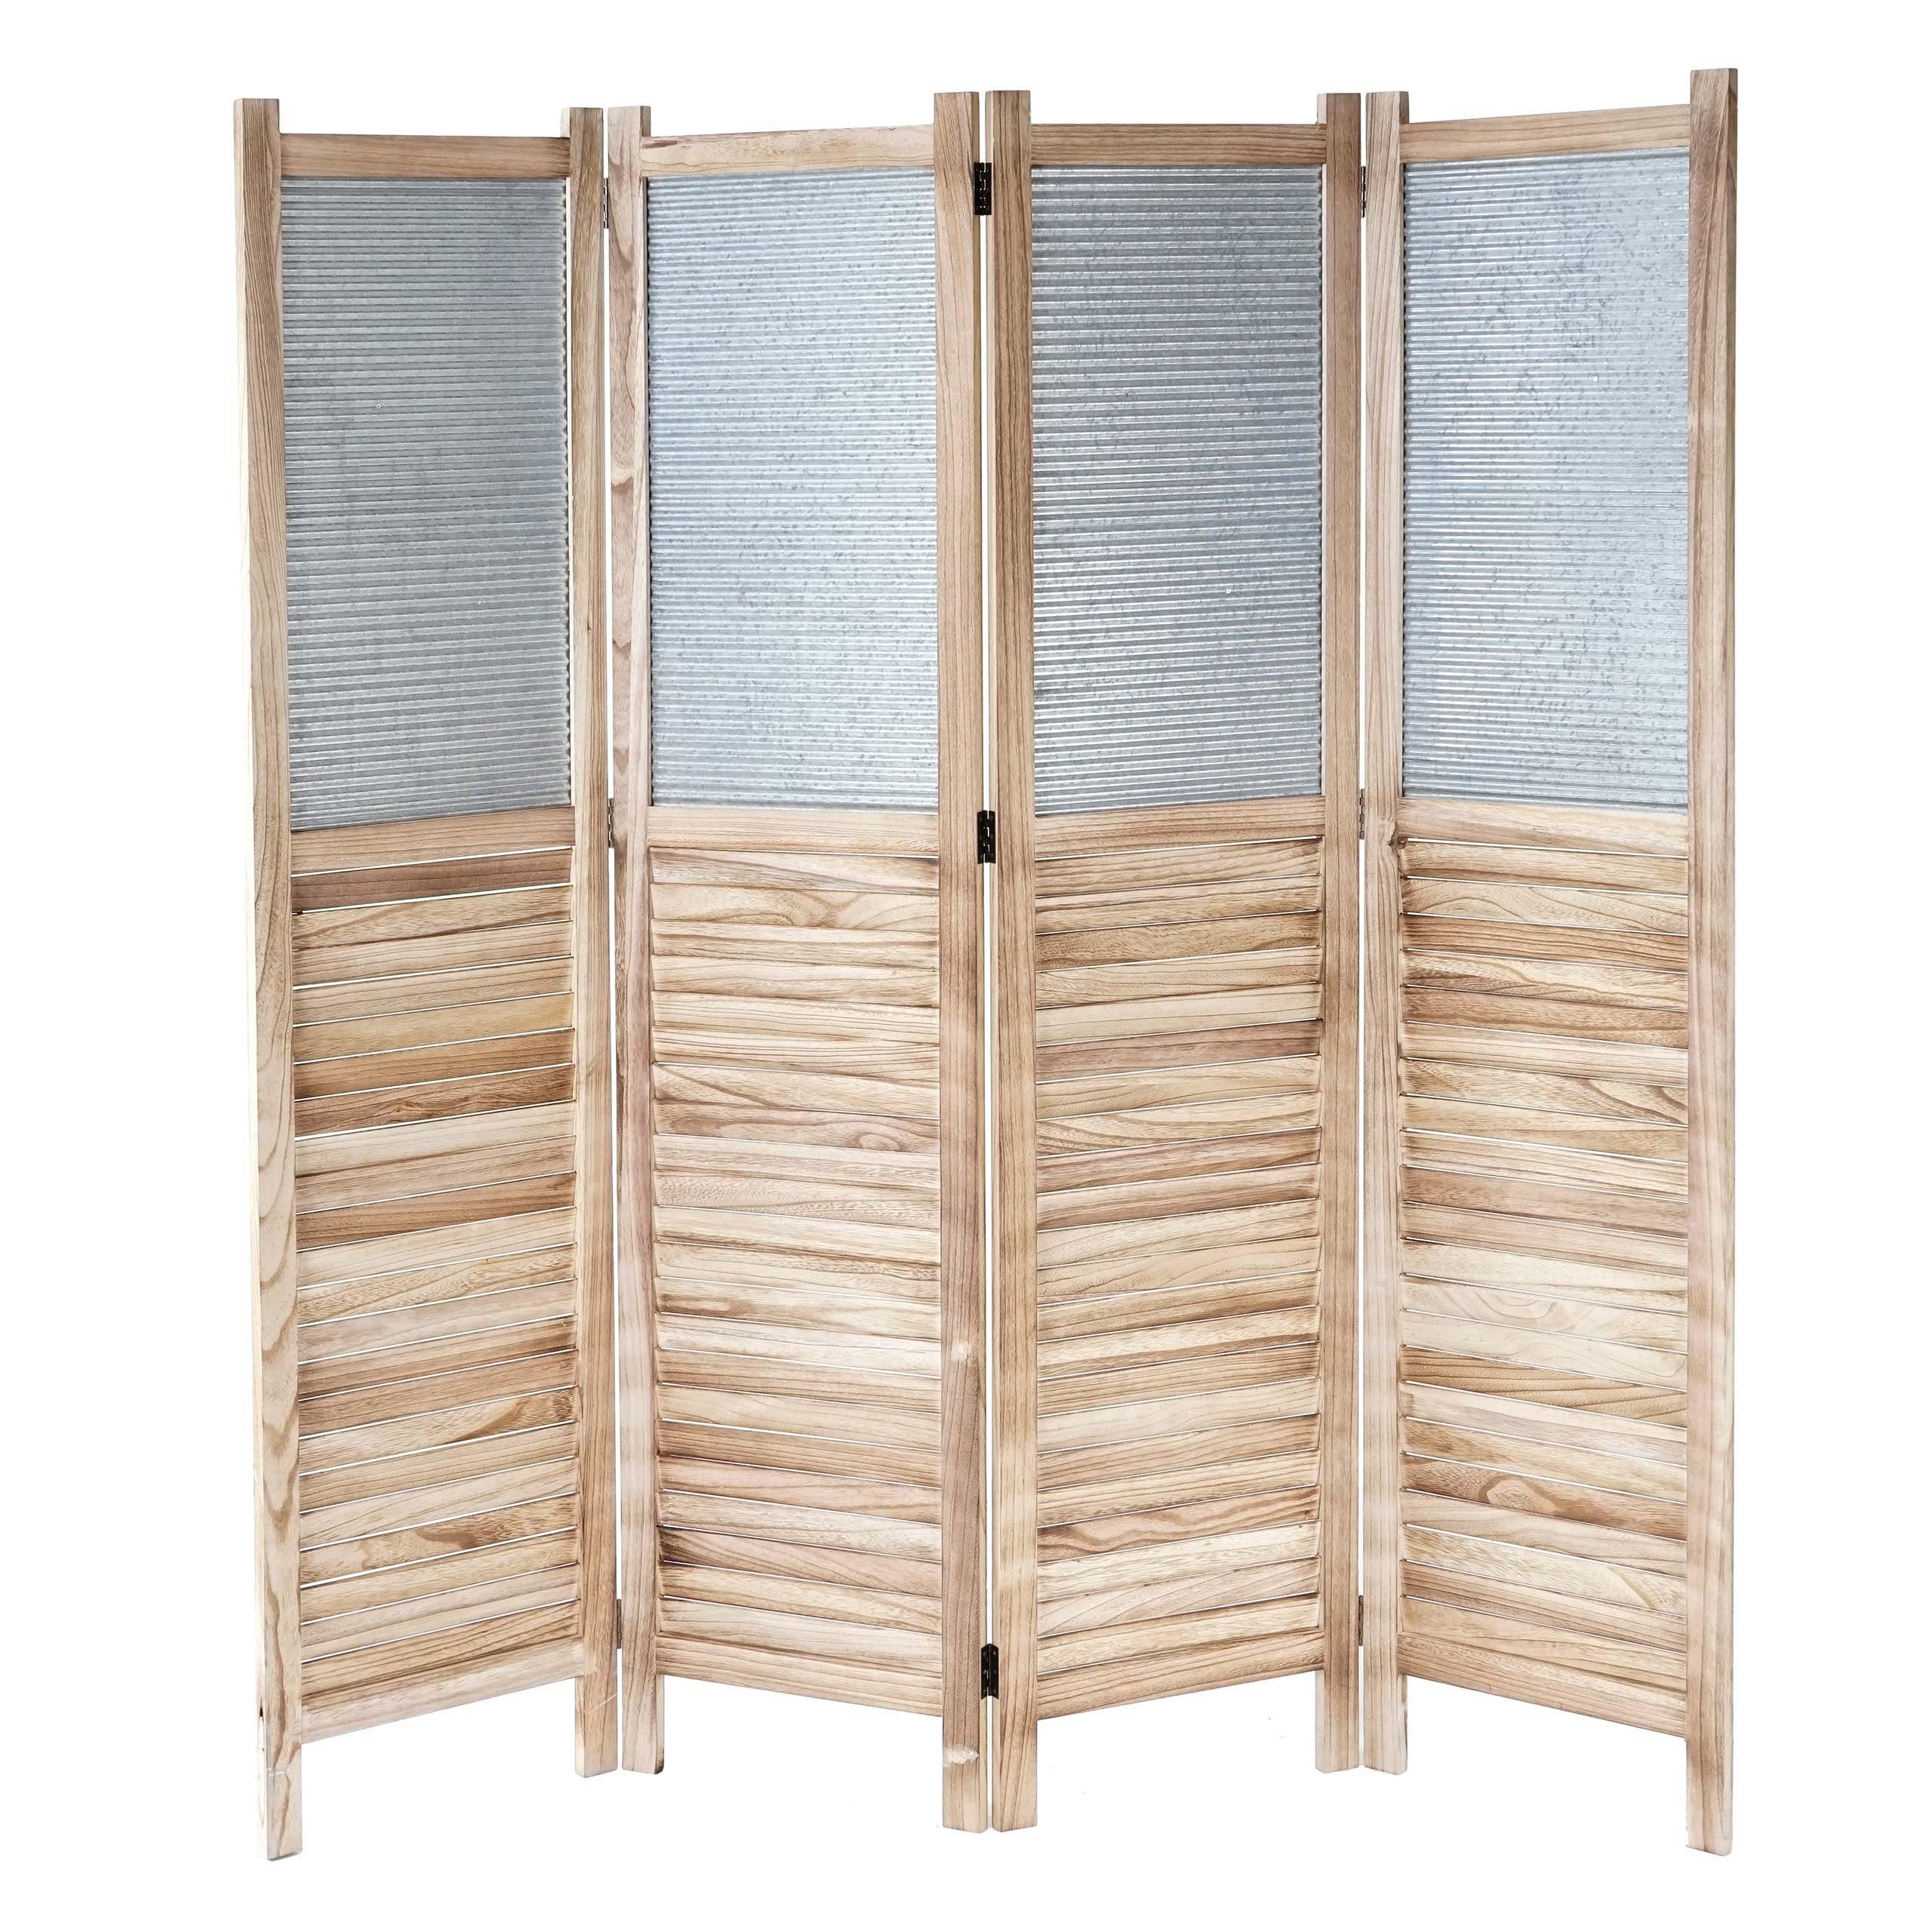 Paravent Hwc D27 Raumteiler Trennwand Spanische Wand Sichtschutz